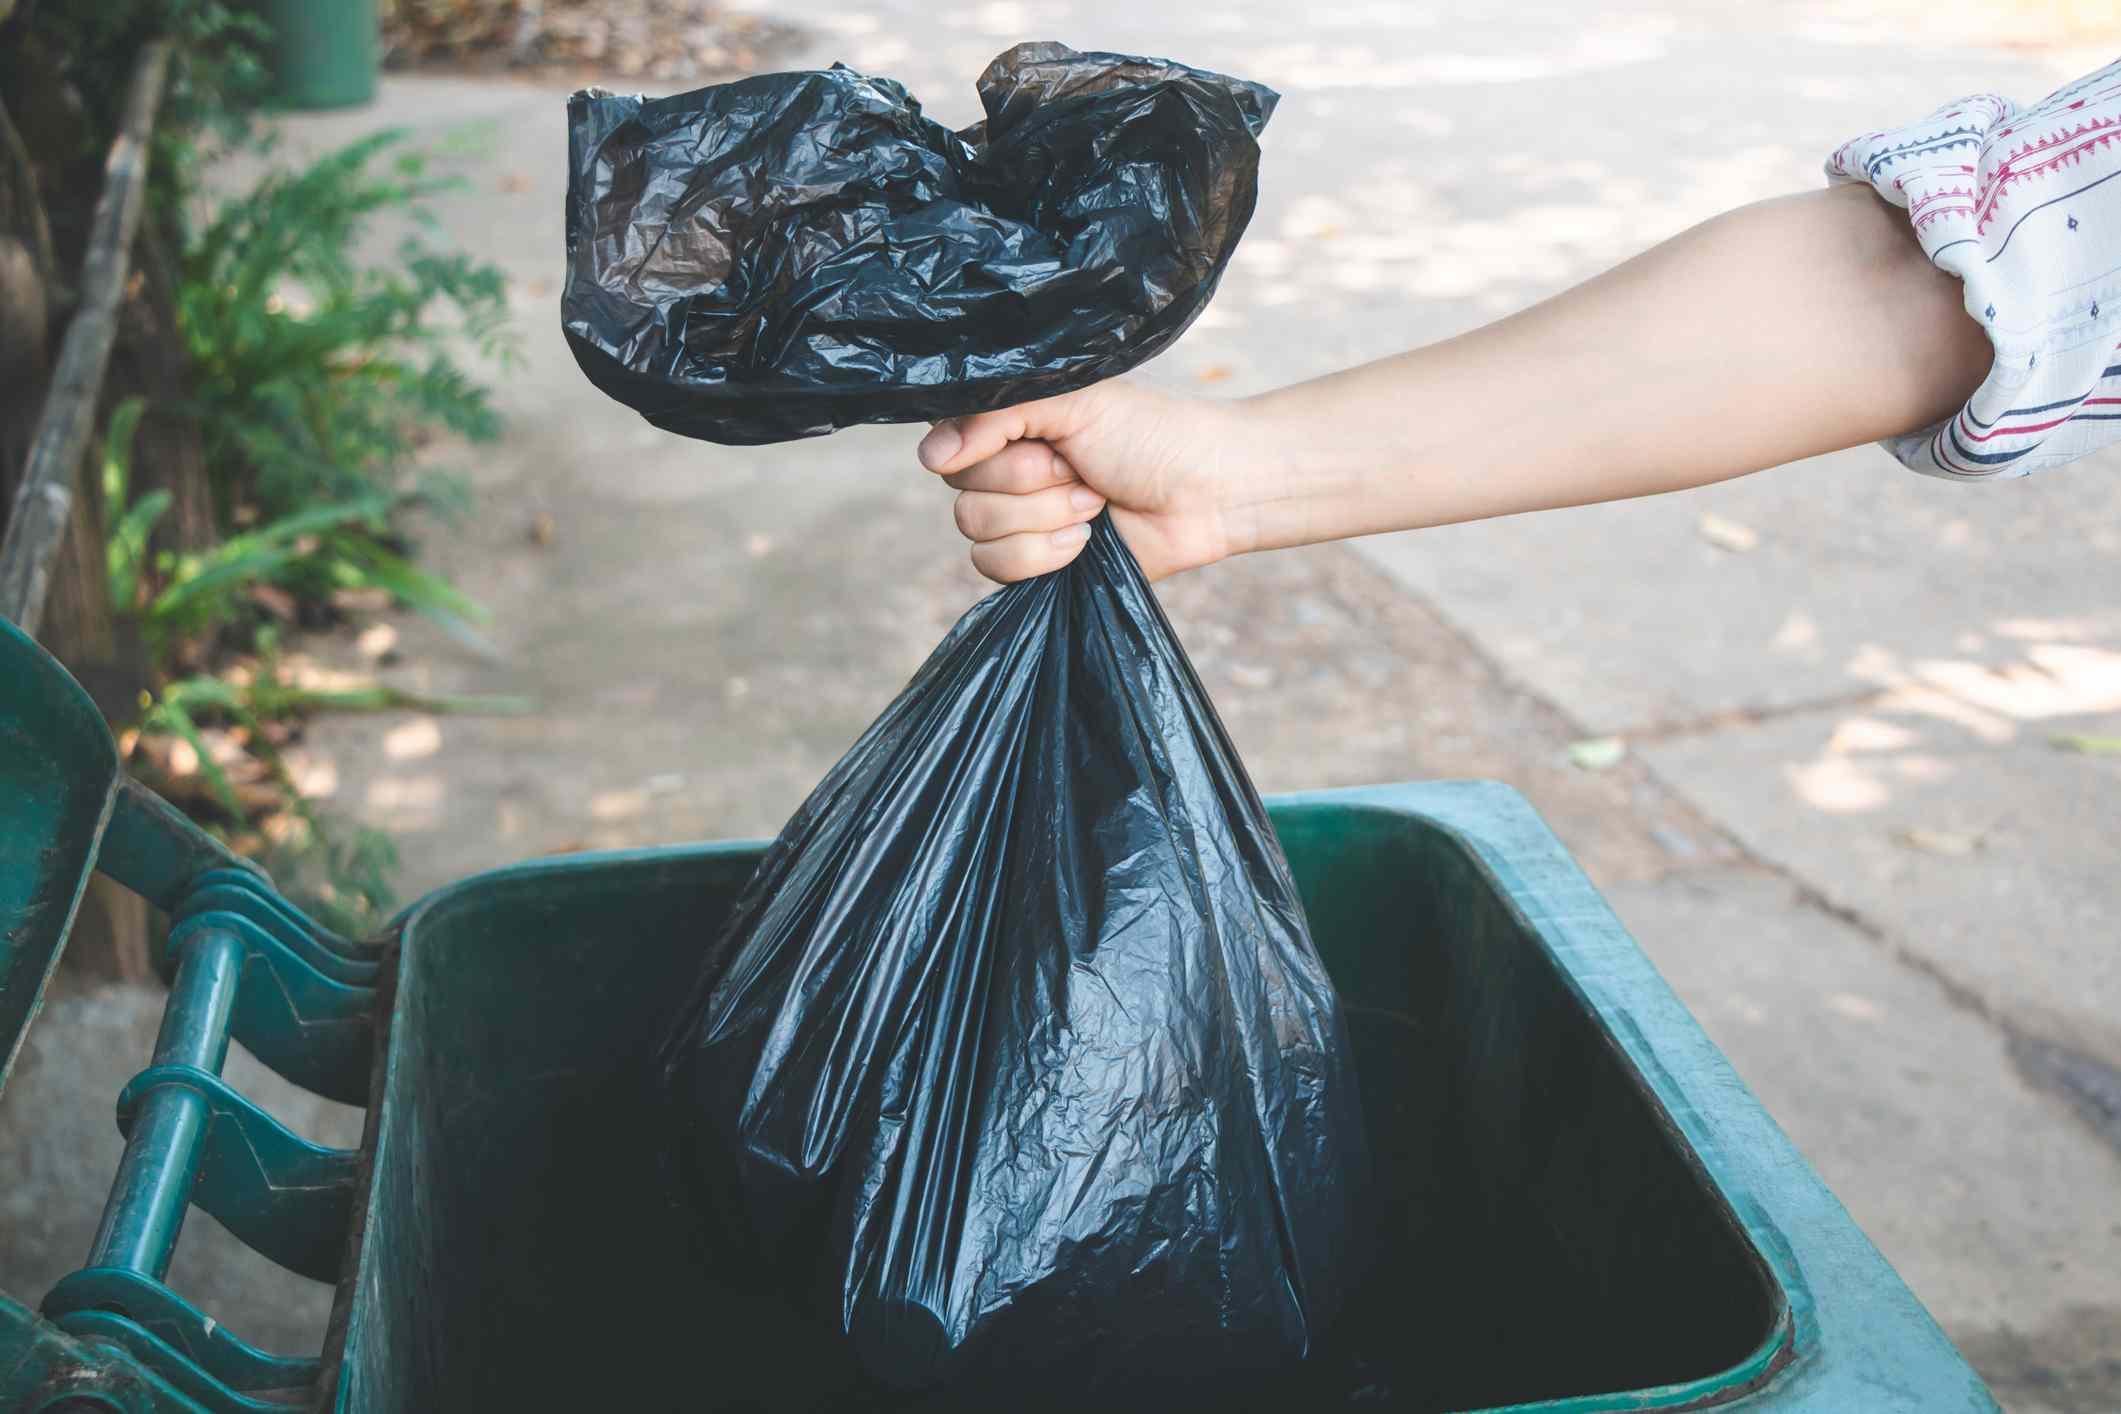 Arm disposes of garbage bag